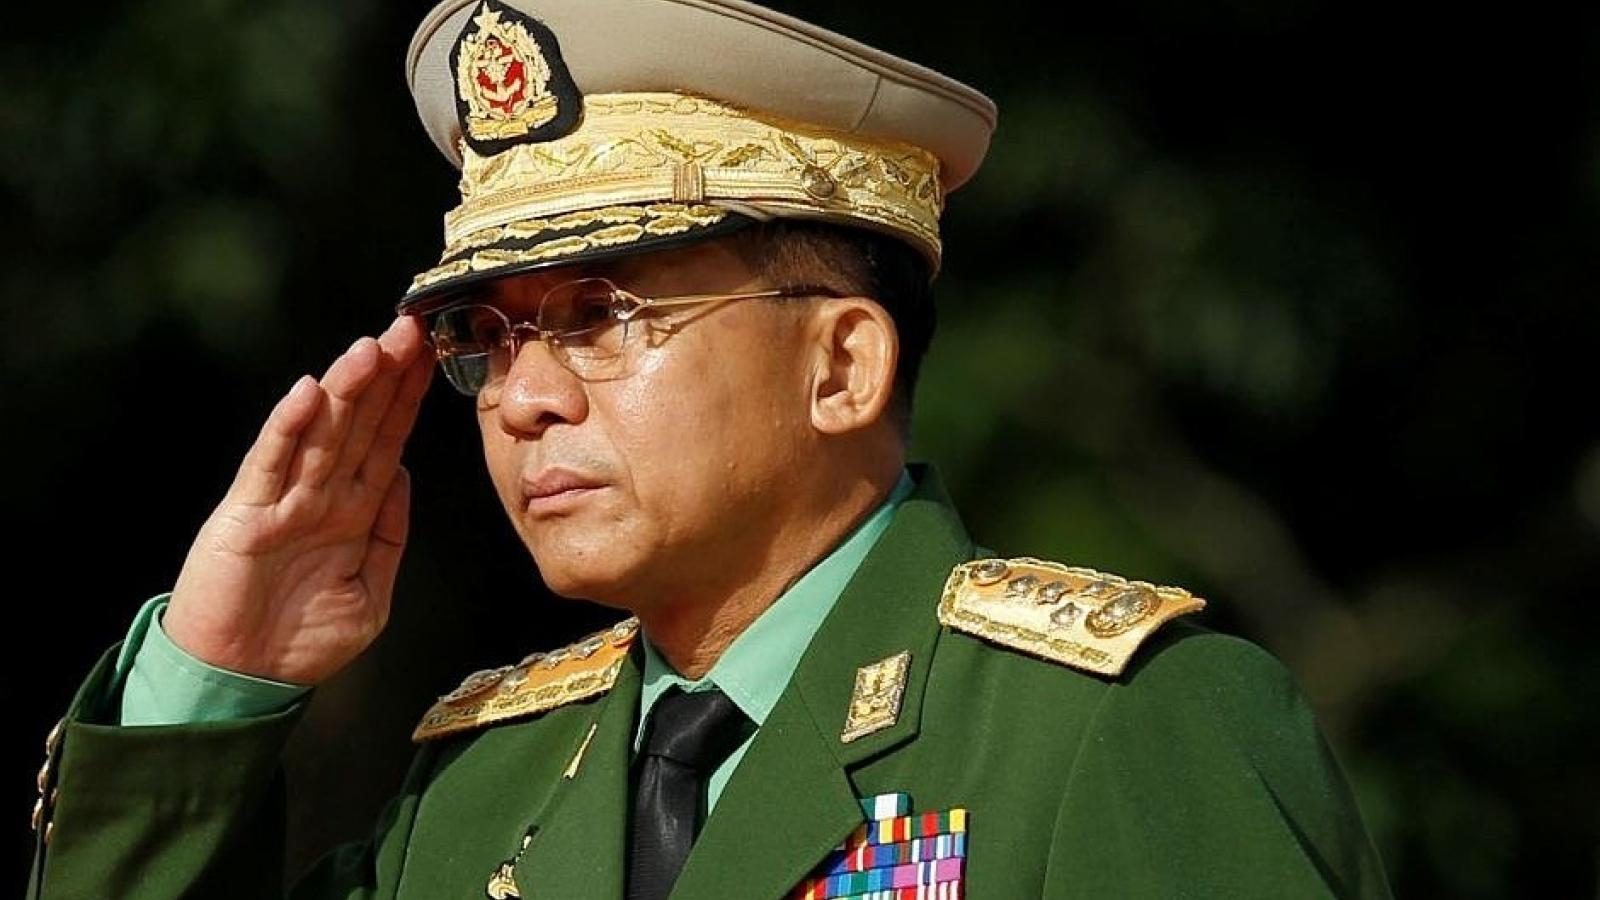 Các phái viên ASEAN thảo luận với lãnh đạo quân sự Myanmar để tháo gỡ bế tắc chính trị